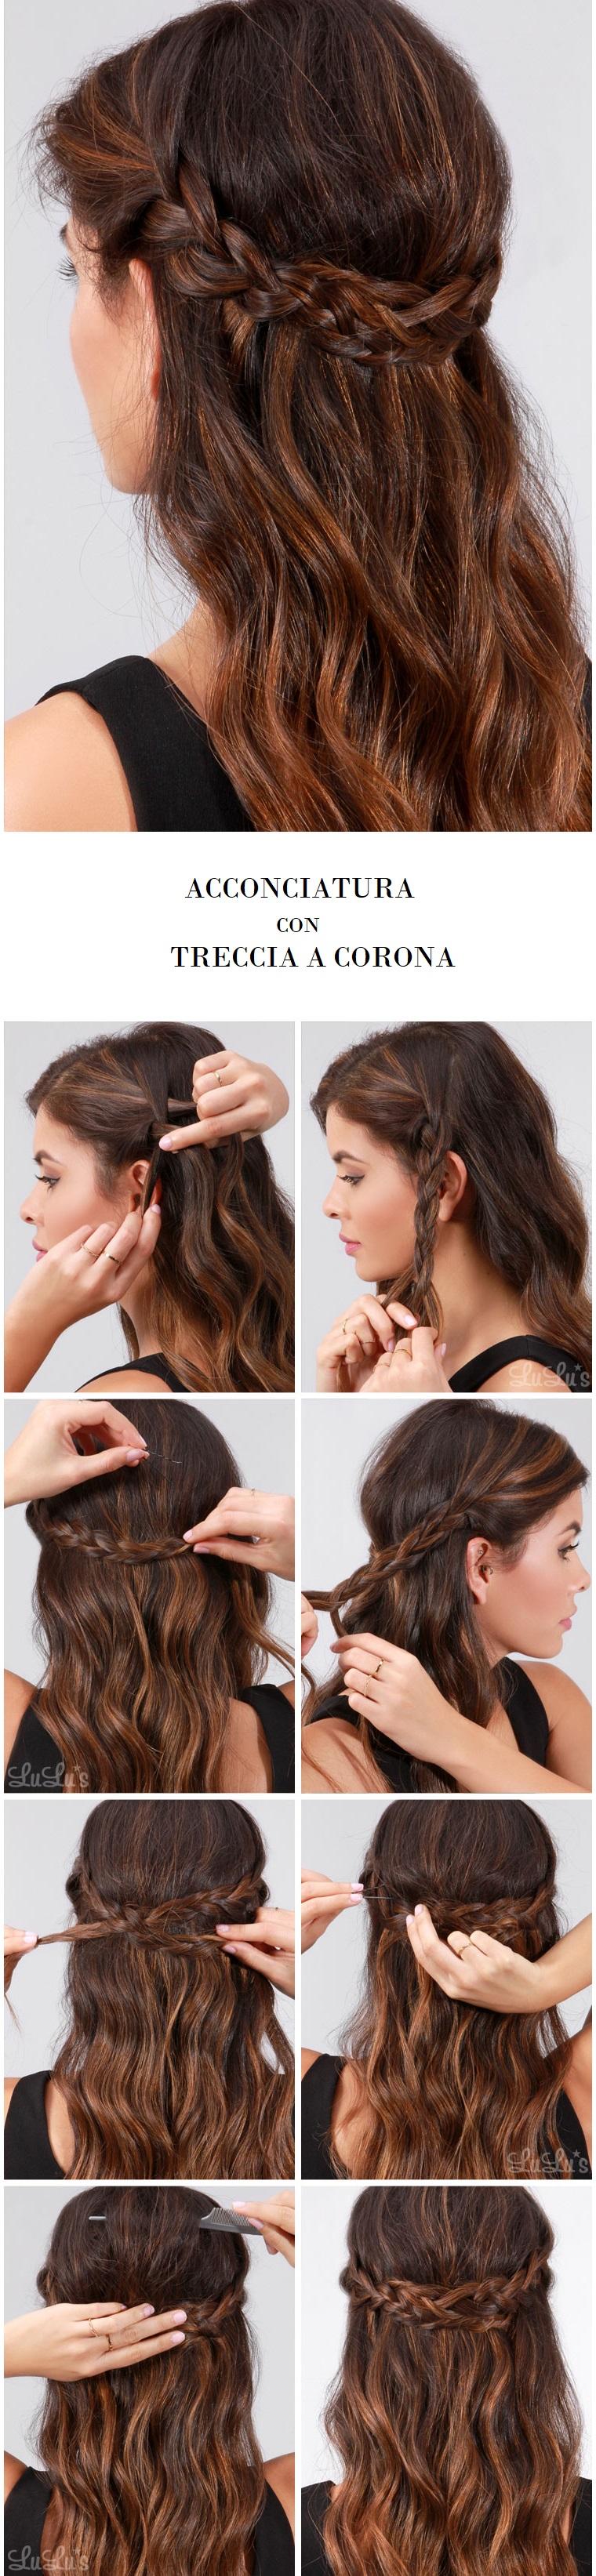 Come legare i capelli, donna con treccia a corona, capelli lunghi e castani